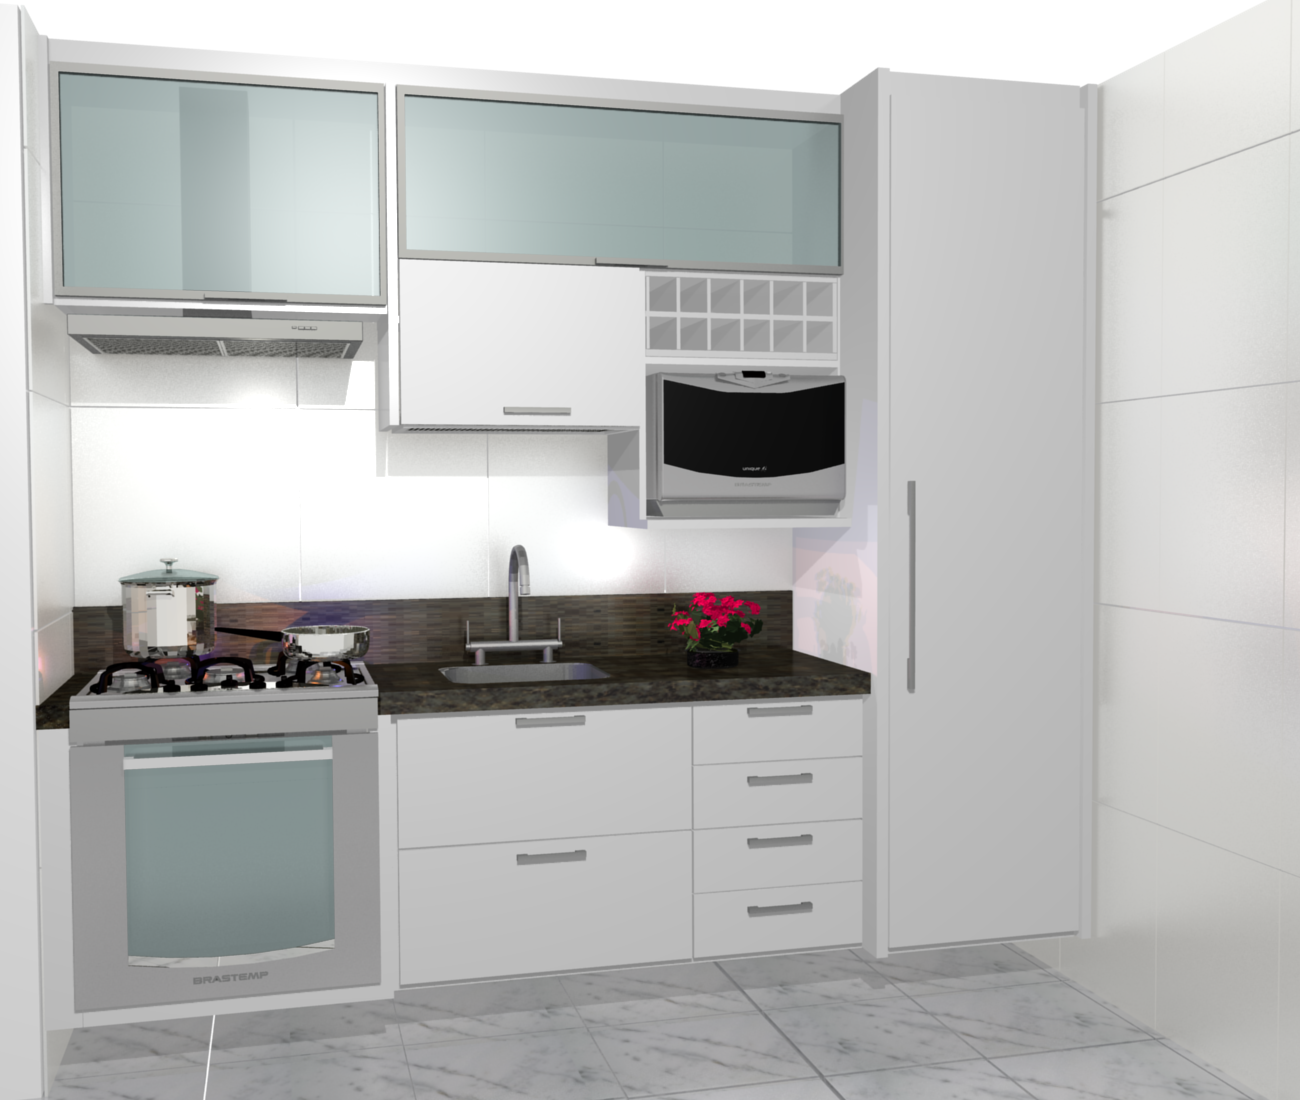 Cozinha planejadas pequenas decorada americana modulada for Portas de apartamentos modernas